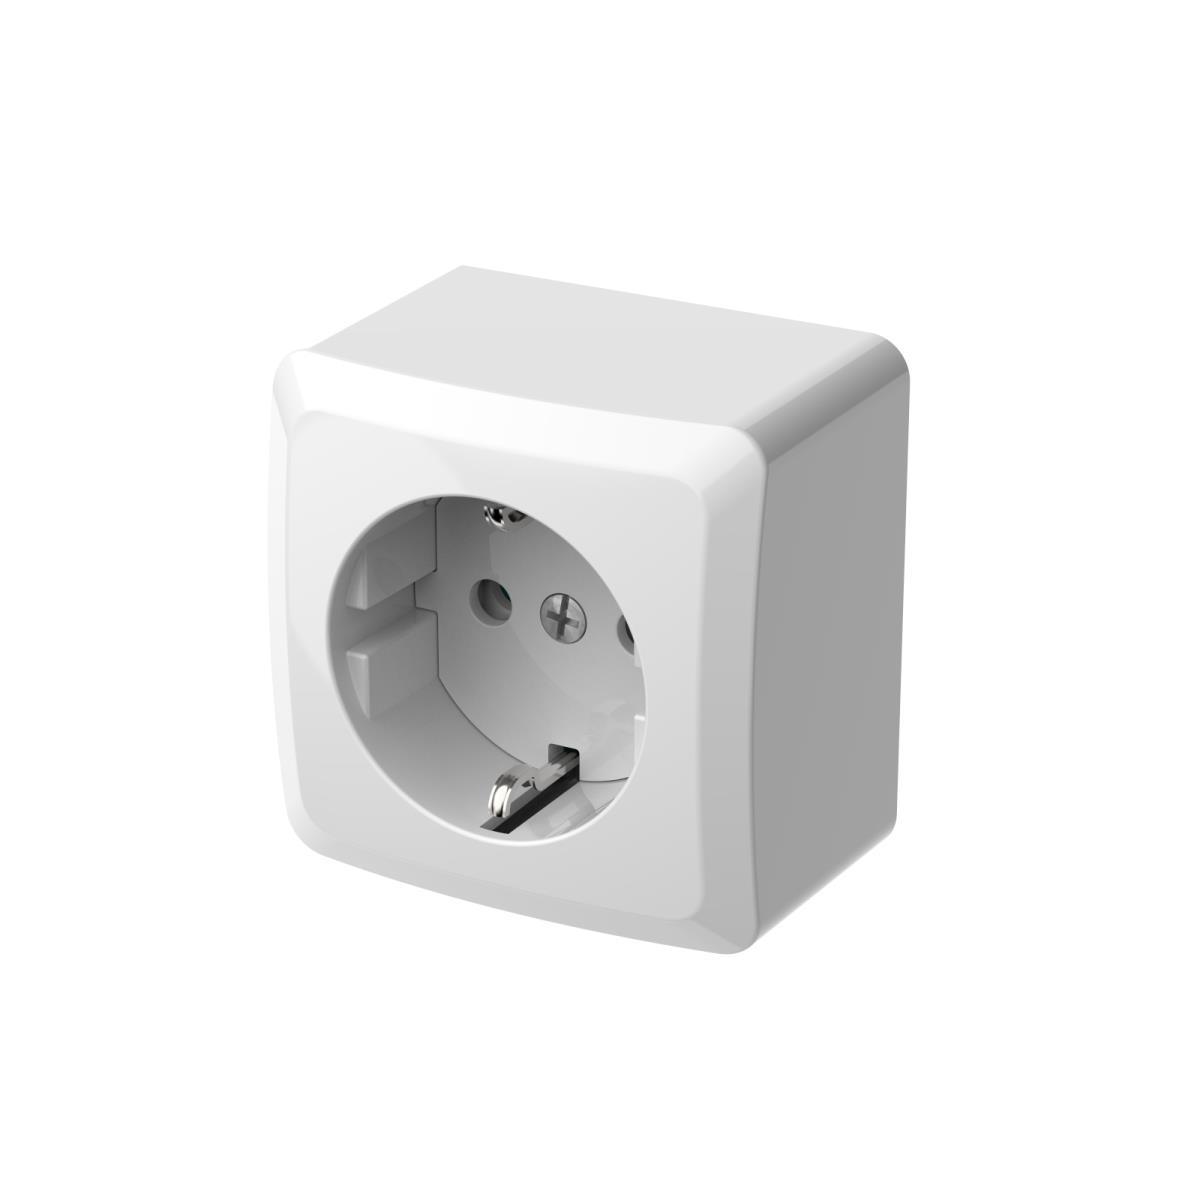 Aufputz Einfach Schuko Steckdose IP20 16A 230V weiß serie BERG,EPN,3737-00, 5902431694870